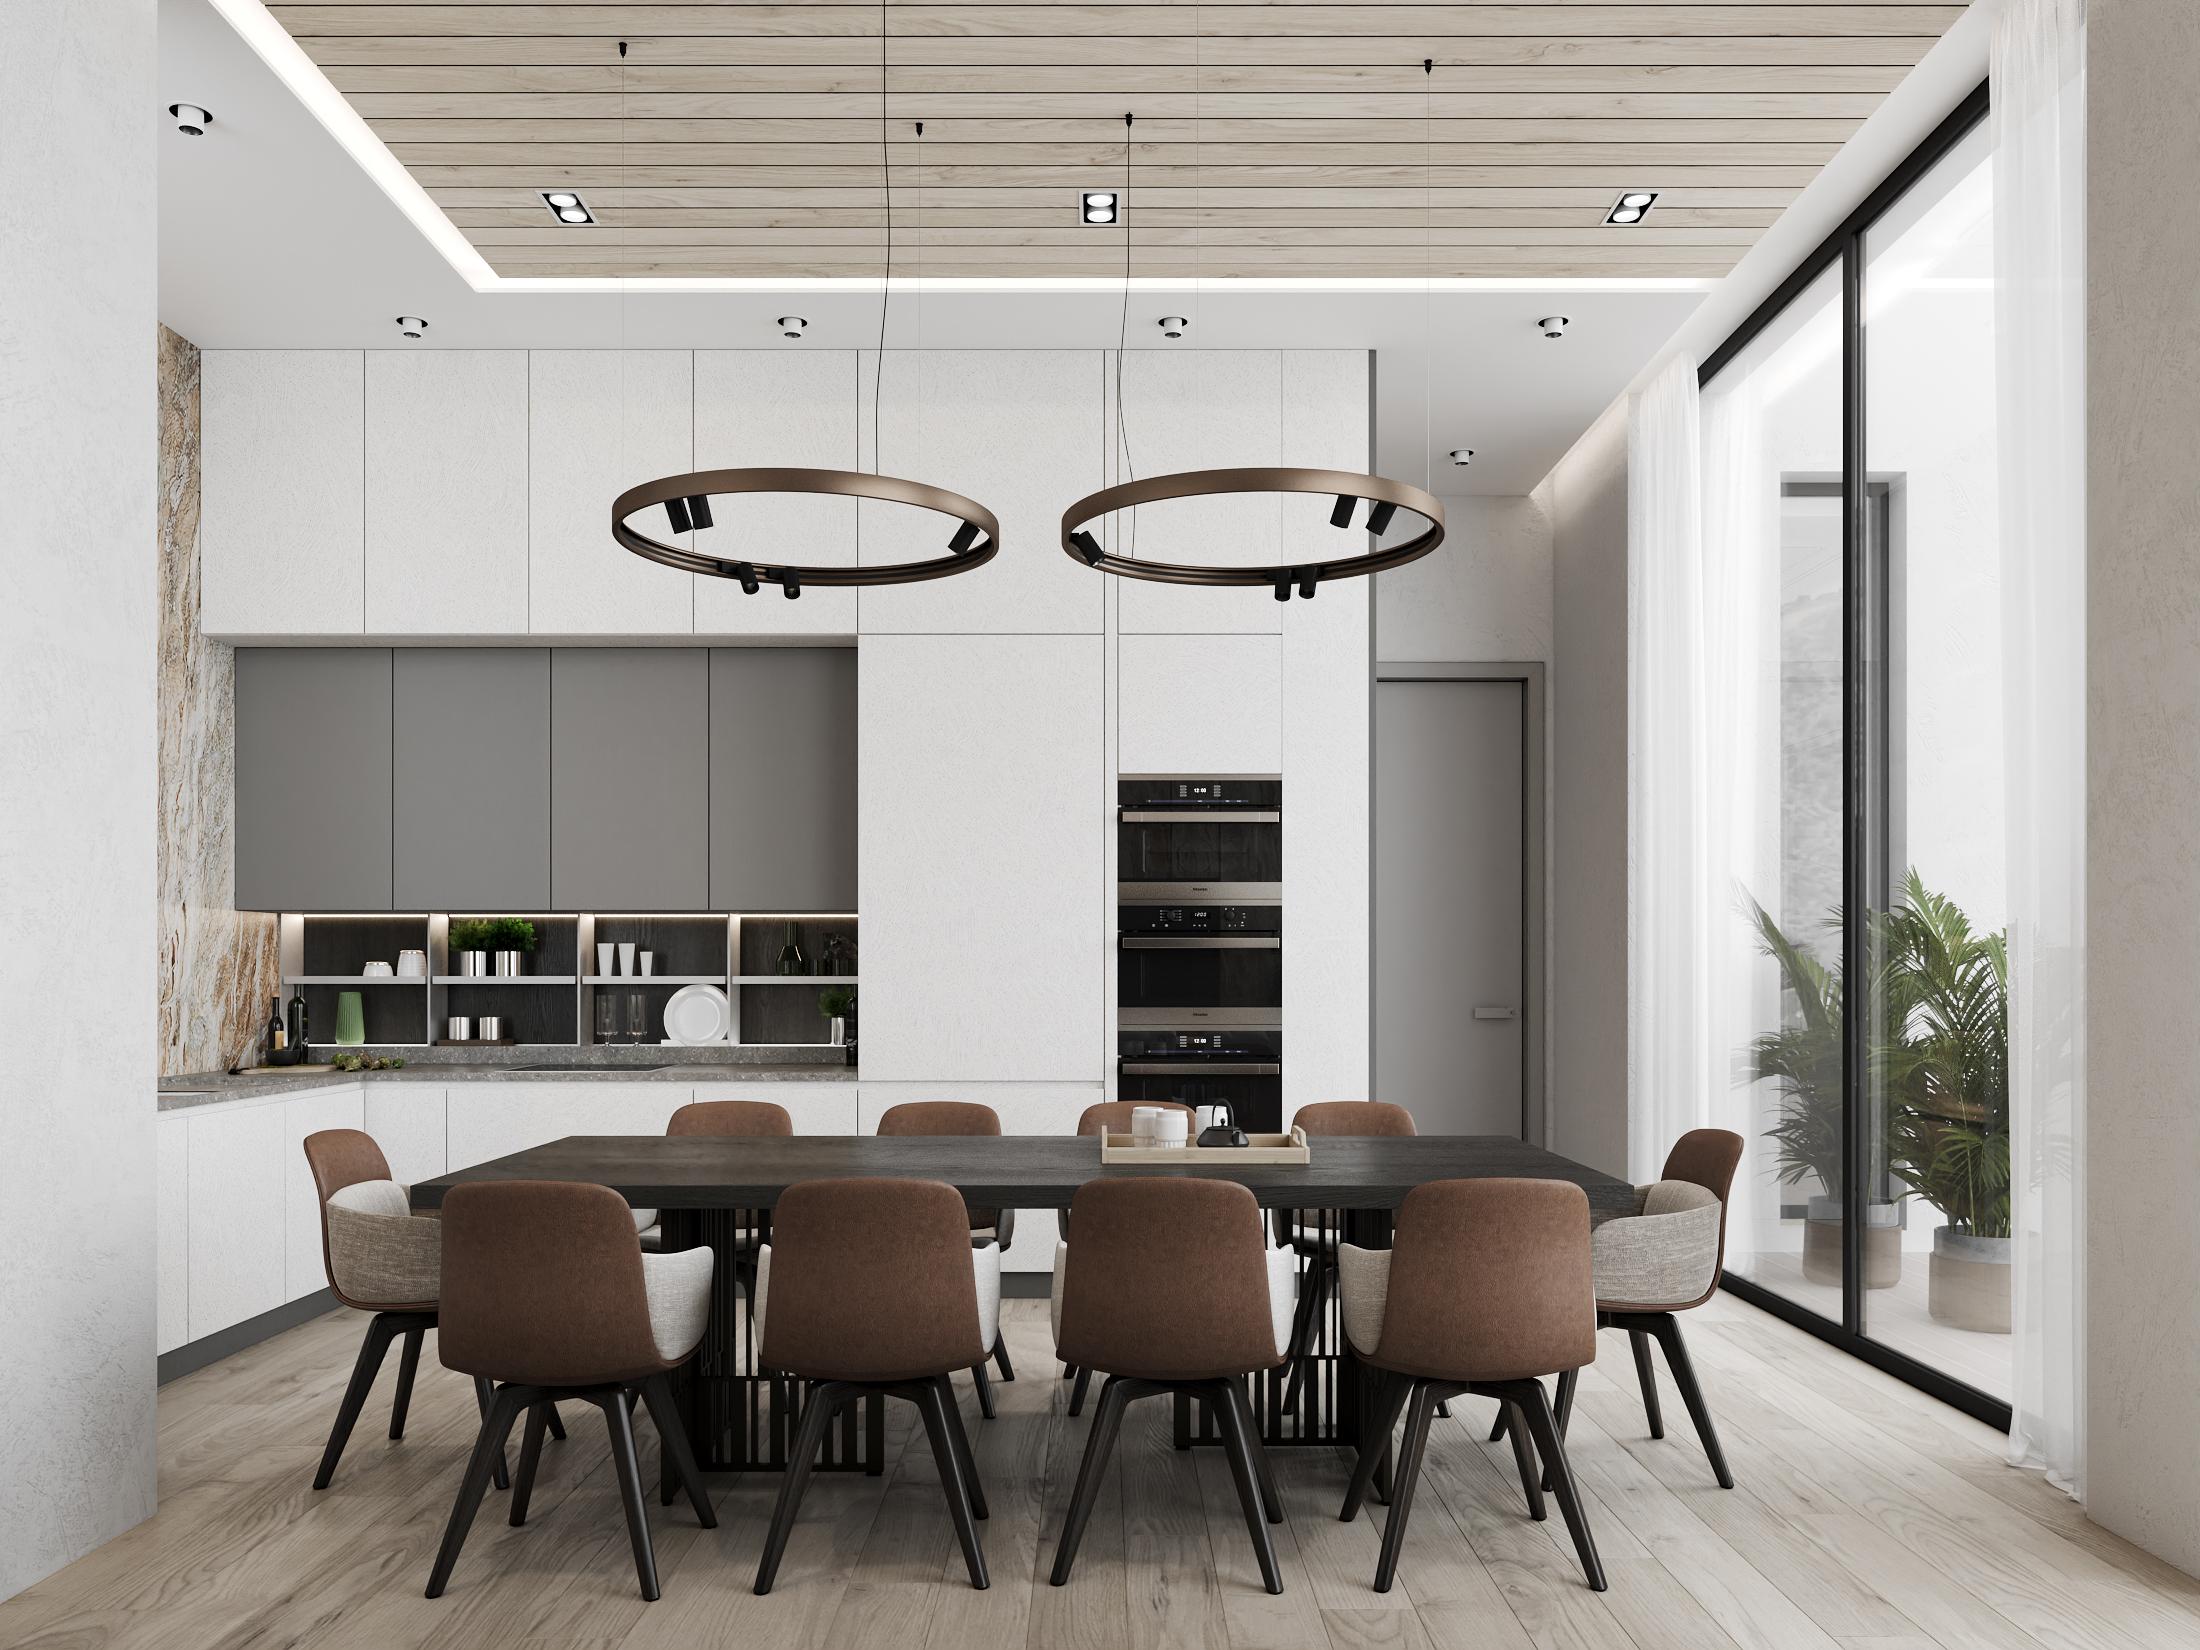 DE & DE Incredible Dining Room Designs By A Top Design Studio_6